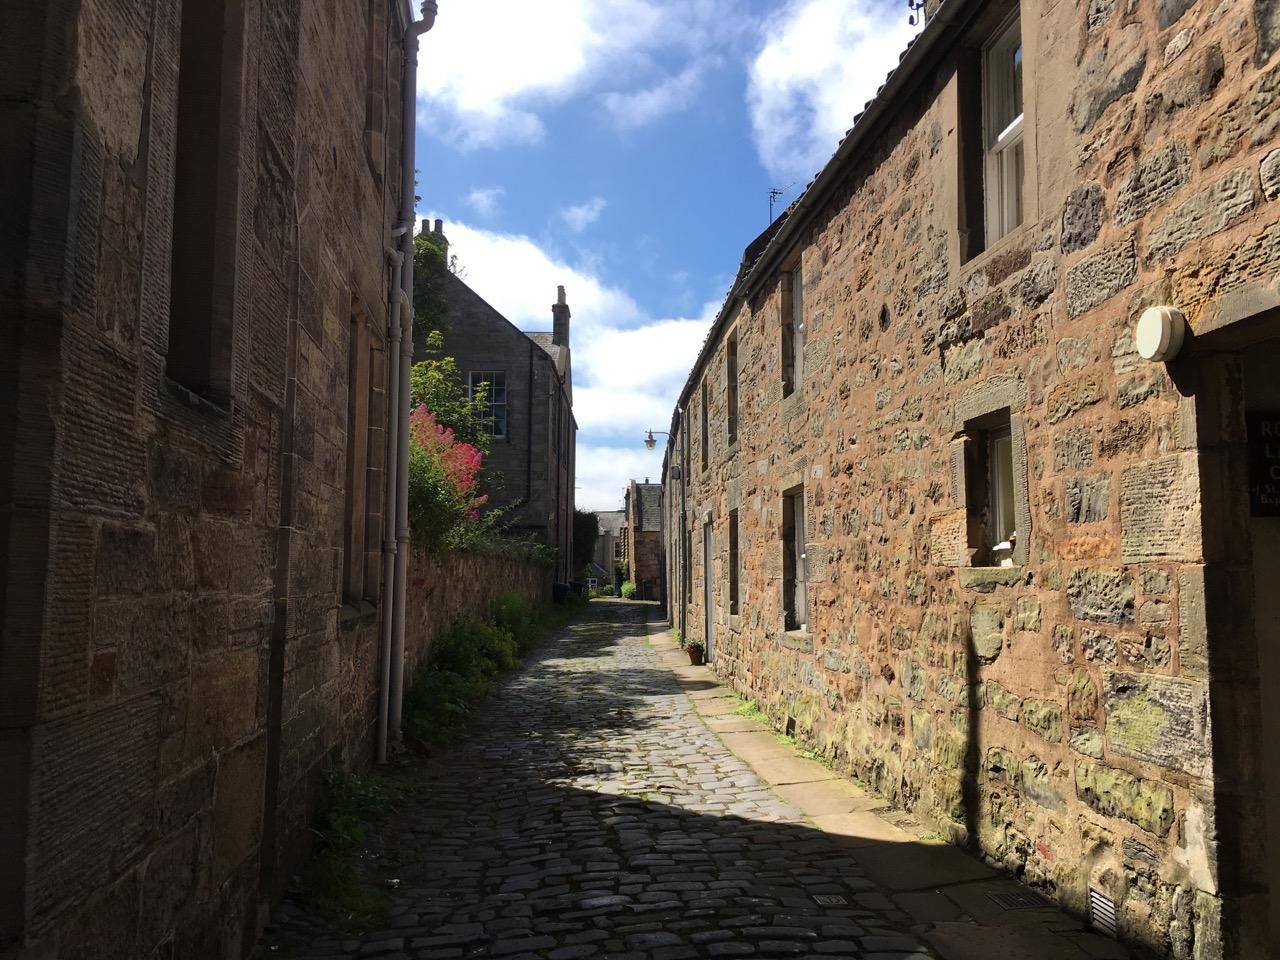 漫步在小镇的石头路上